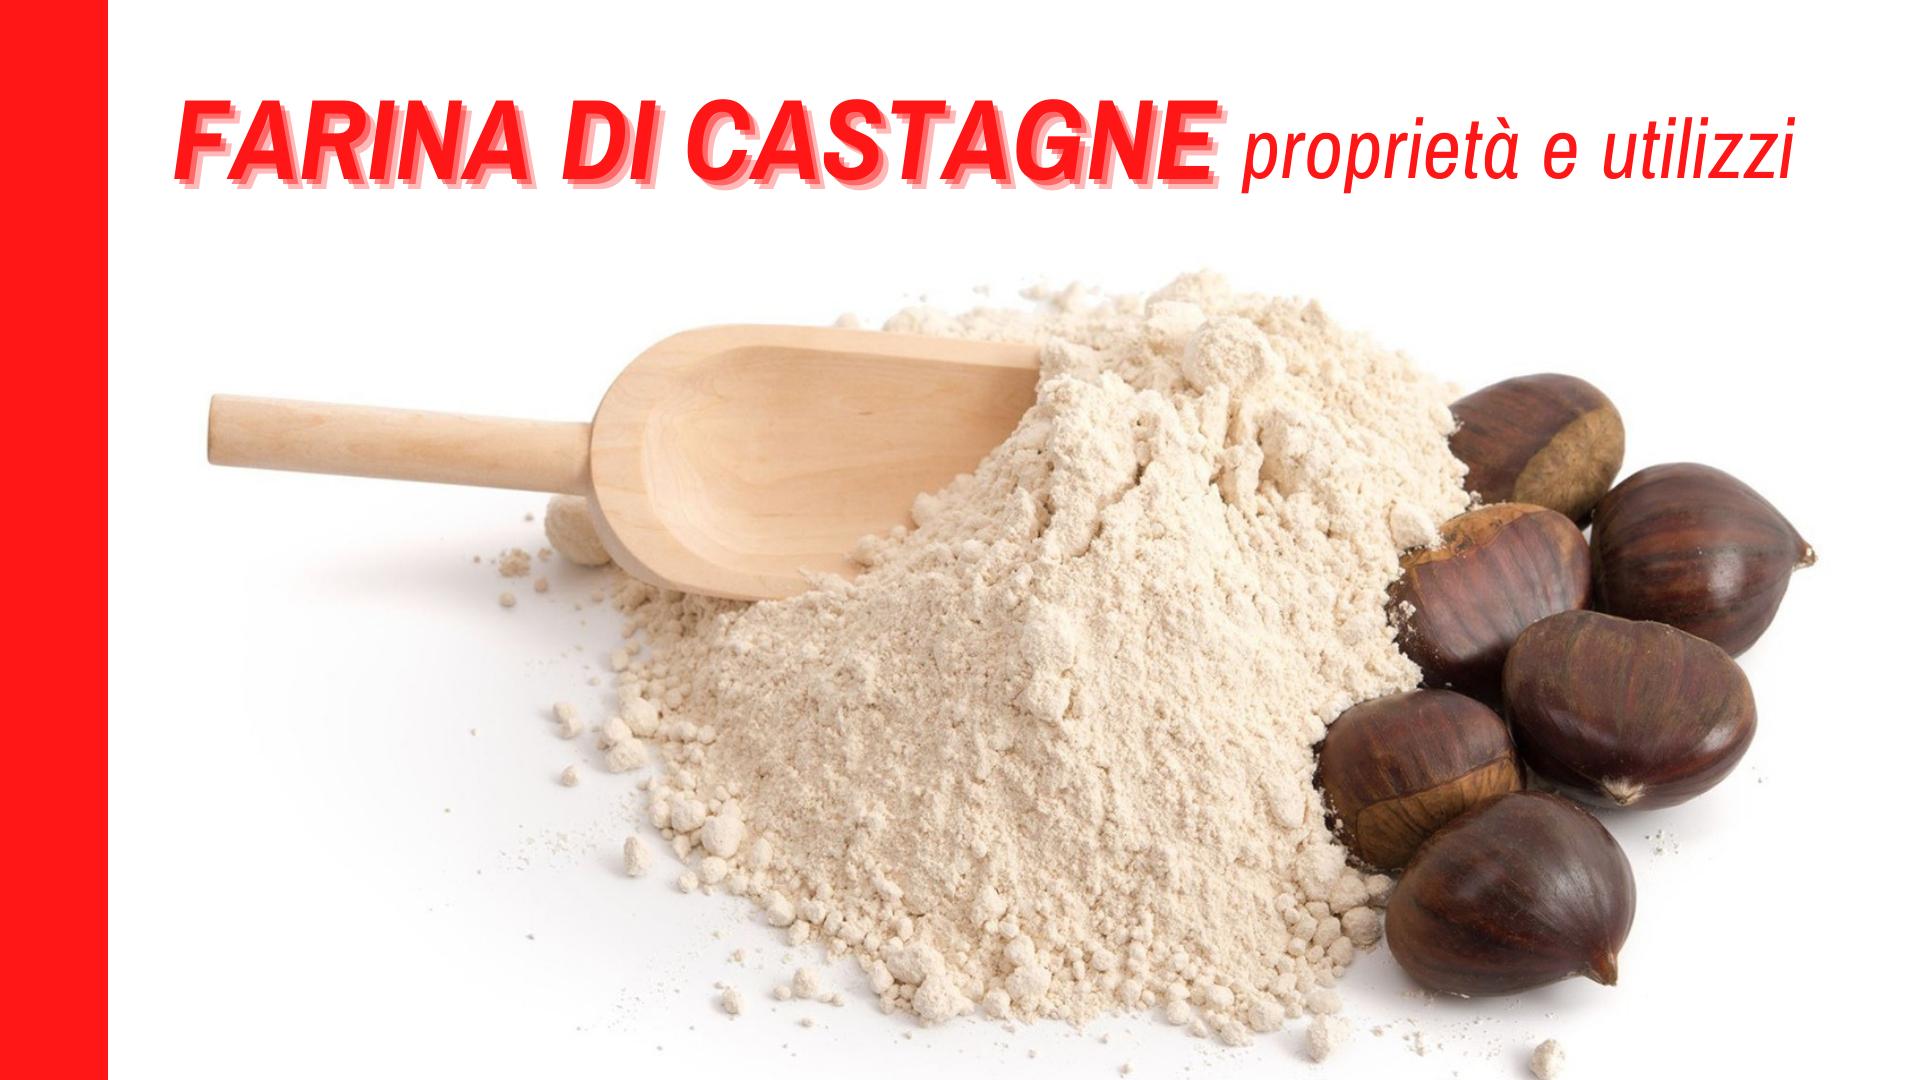 La farina di castagne, un alimento della nostra tradizione da conoscere meglio